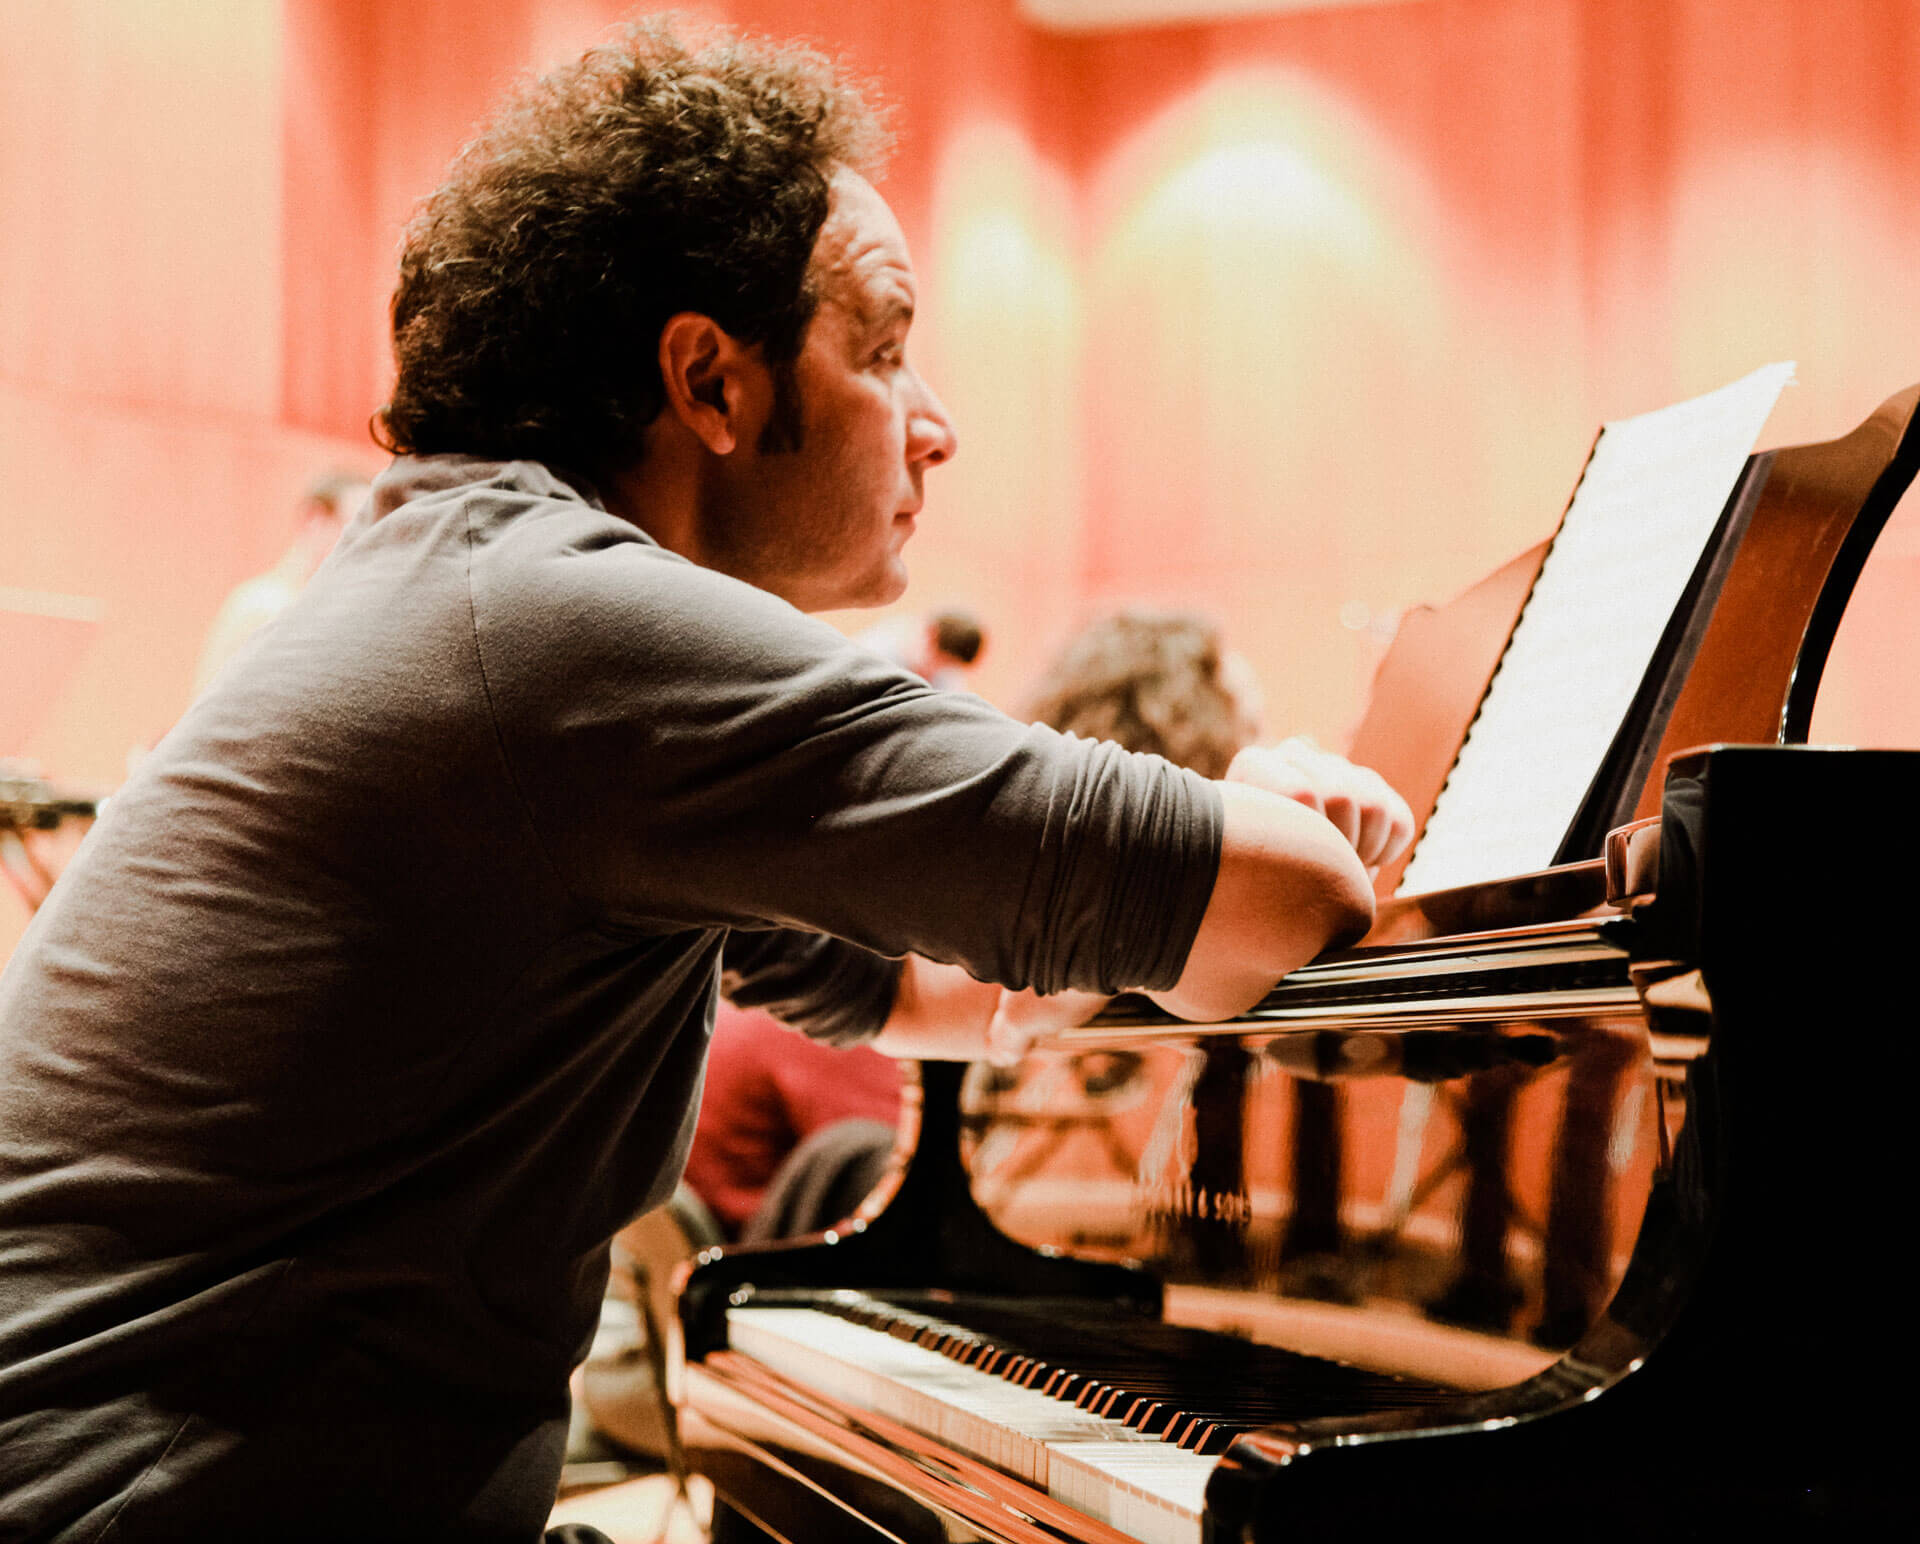 Marco Sciammarella